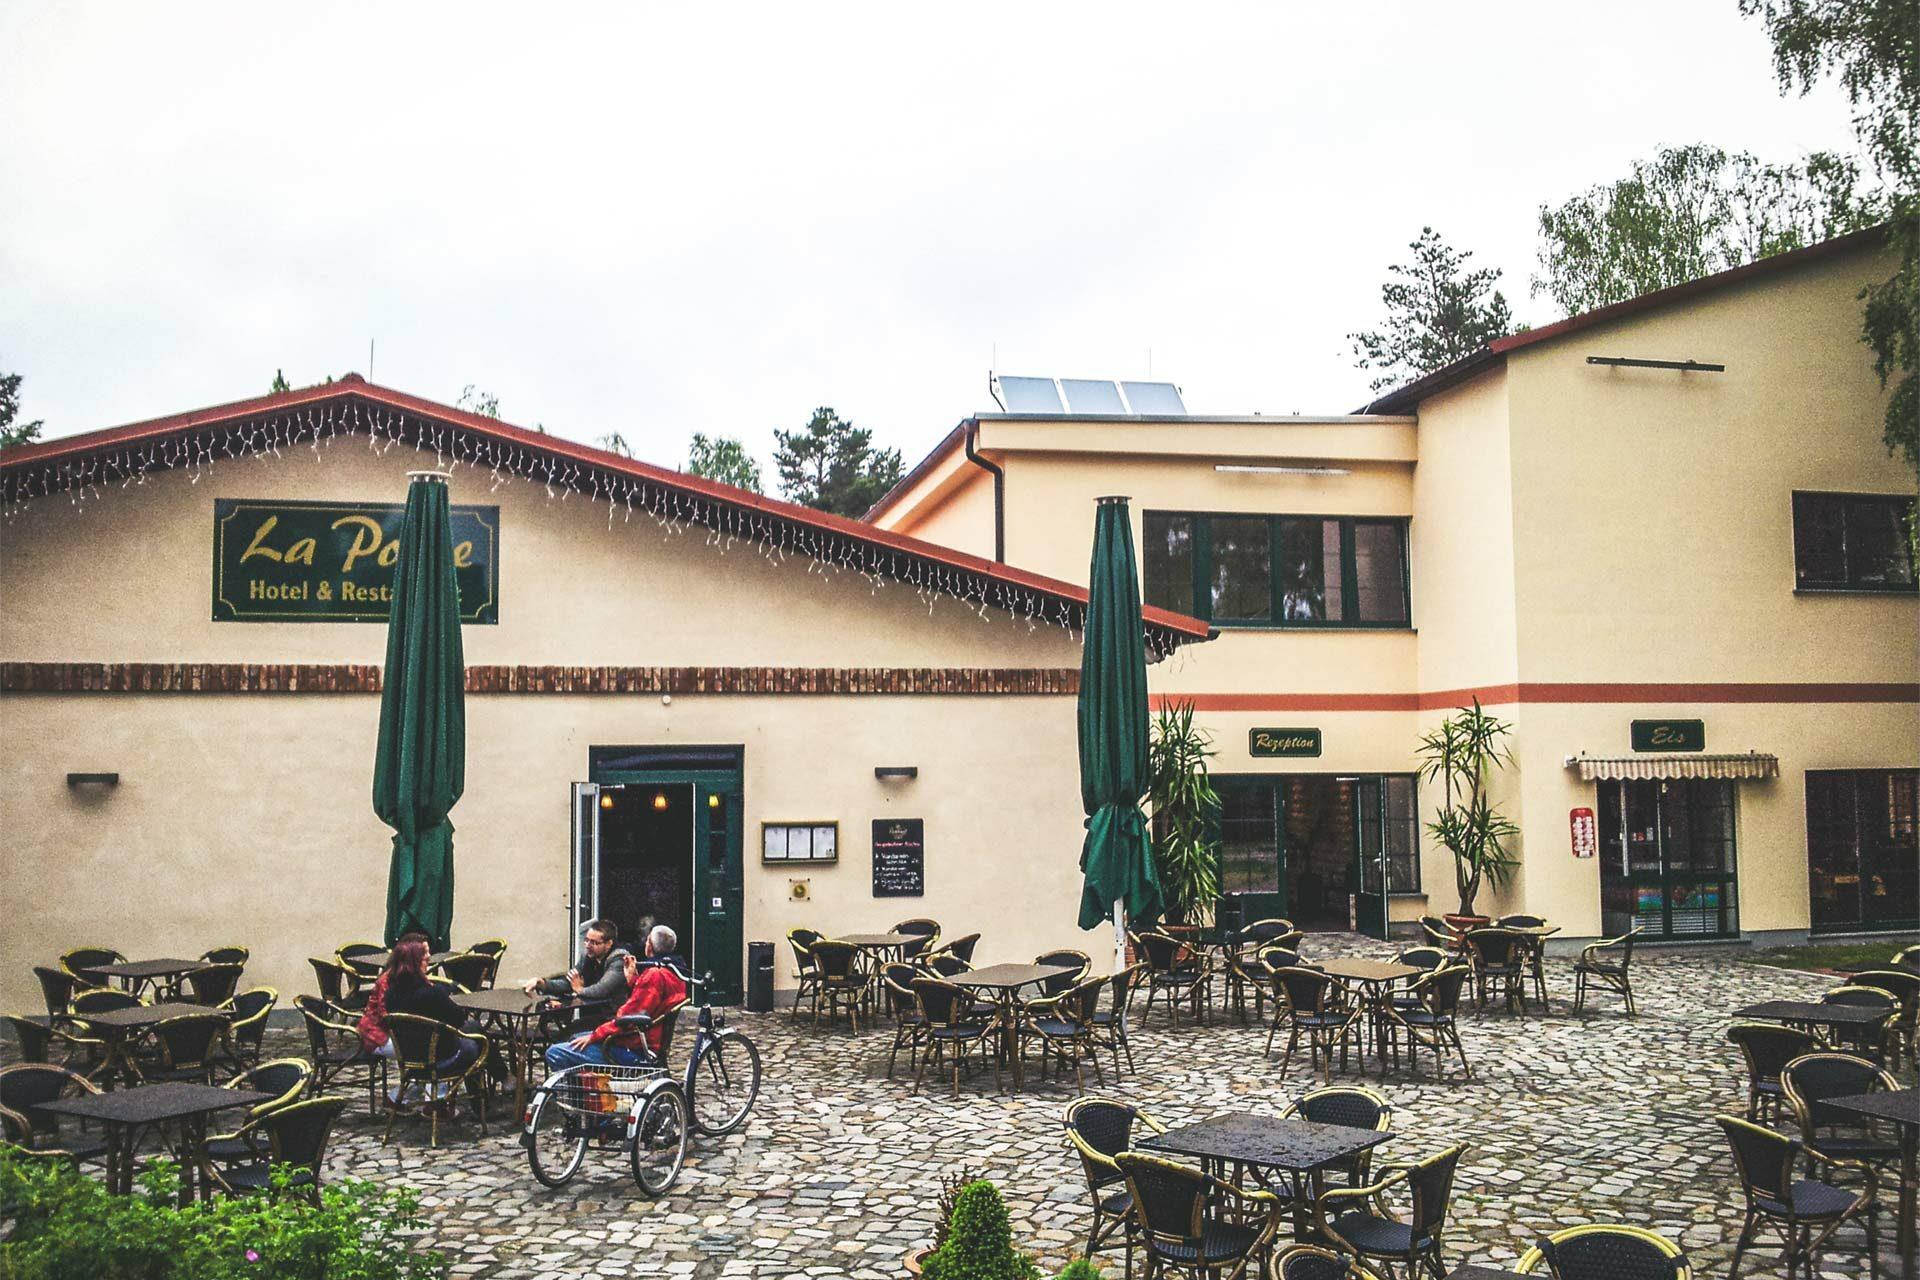 """Hotel und Restaurant \""""La Porte\"""" in Bertingen. Untergebracht wird man in den ehemaligen Baracken, in denen schon die Jungpioniere der DDR schliefen."""